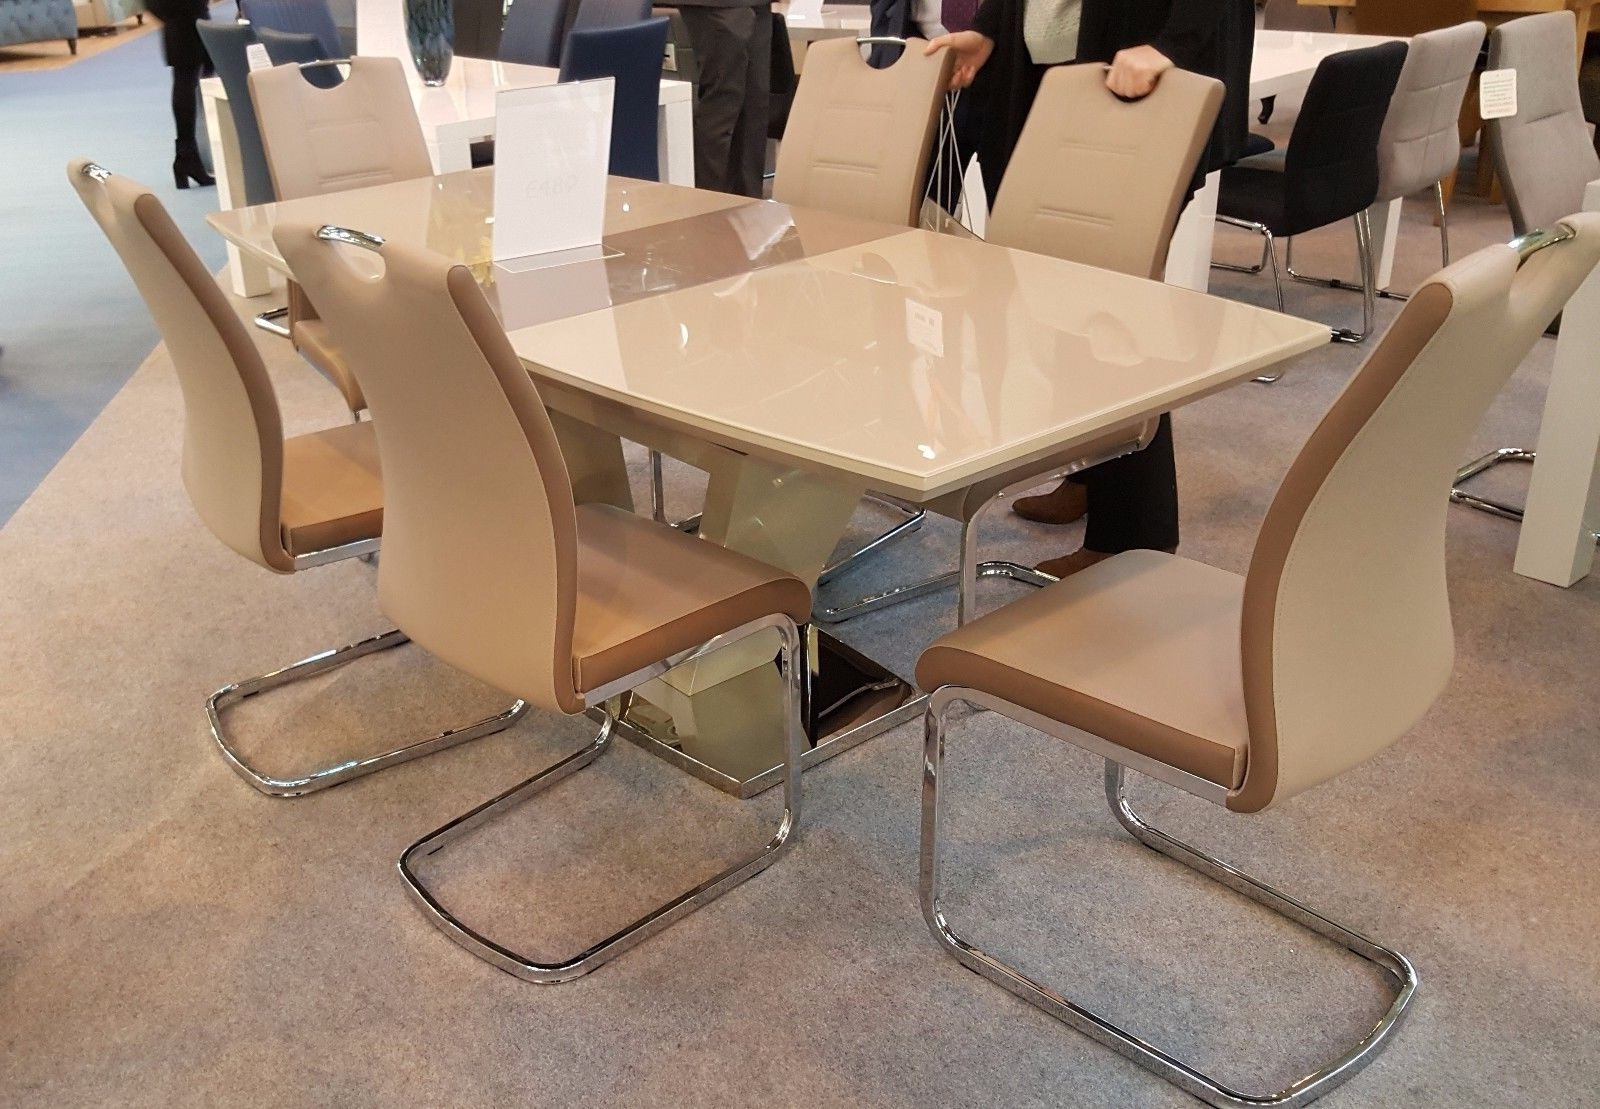 New Aspen Cream/latte High Gloss/glass 160 200Cm Ext Dining Table + With Newest High Gloss Cream Dining Tables (View 17 of 25)